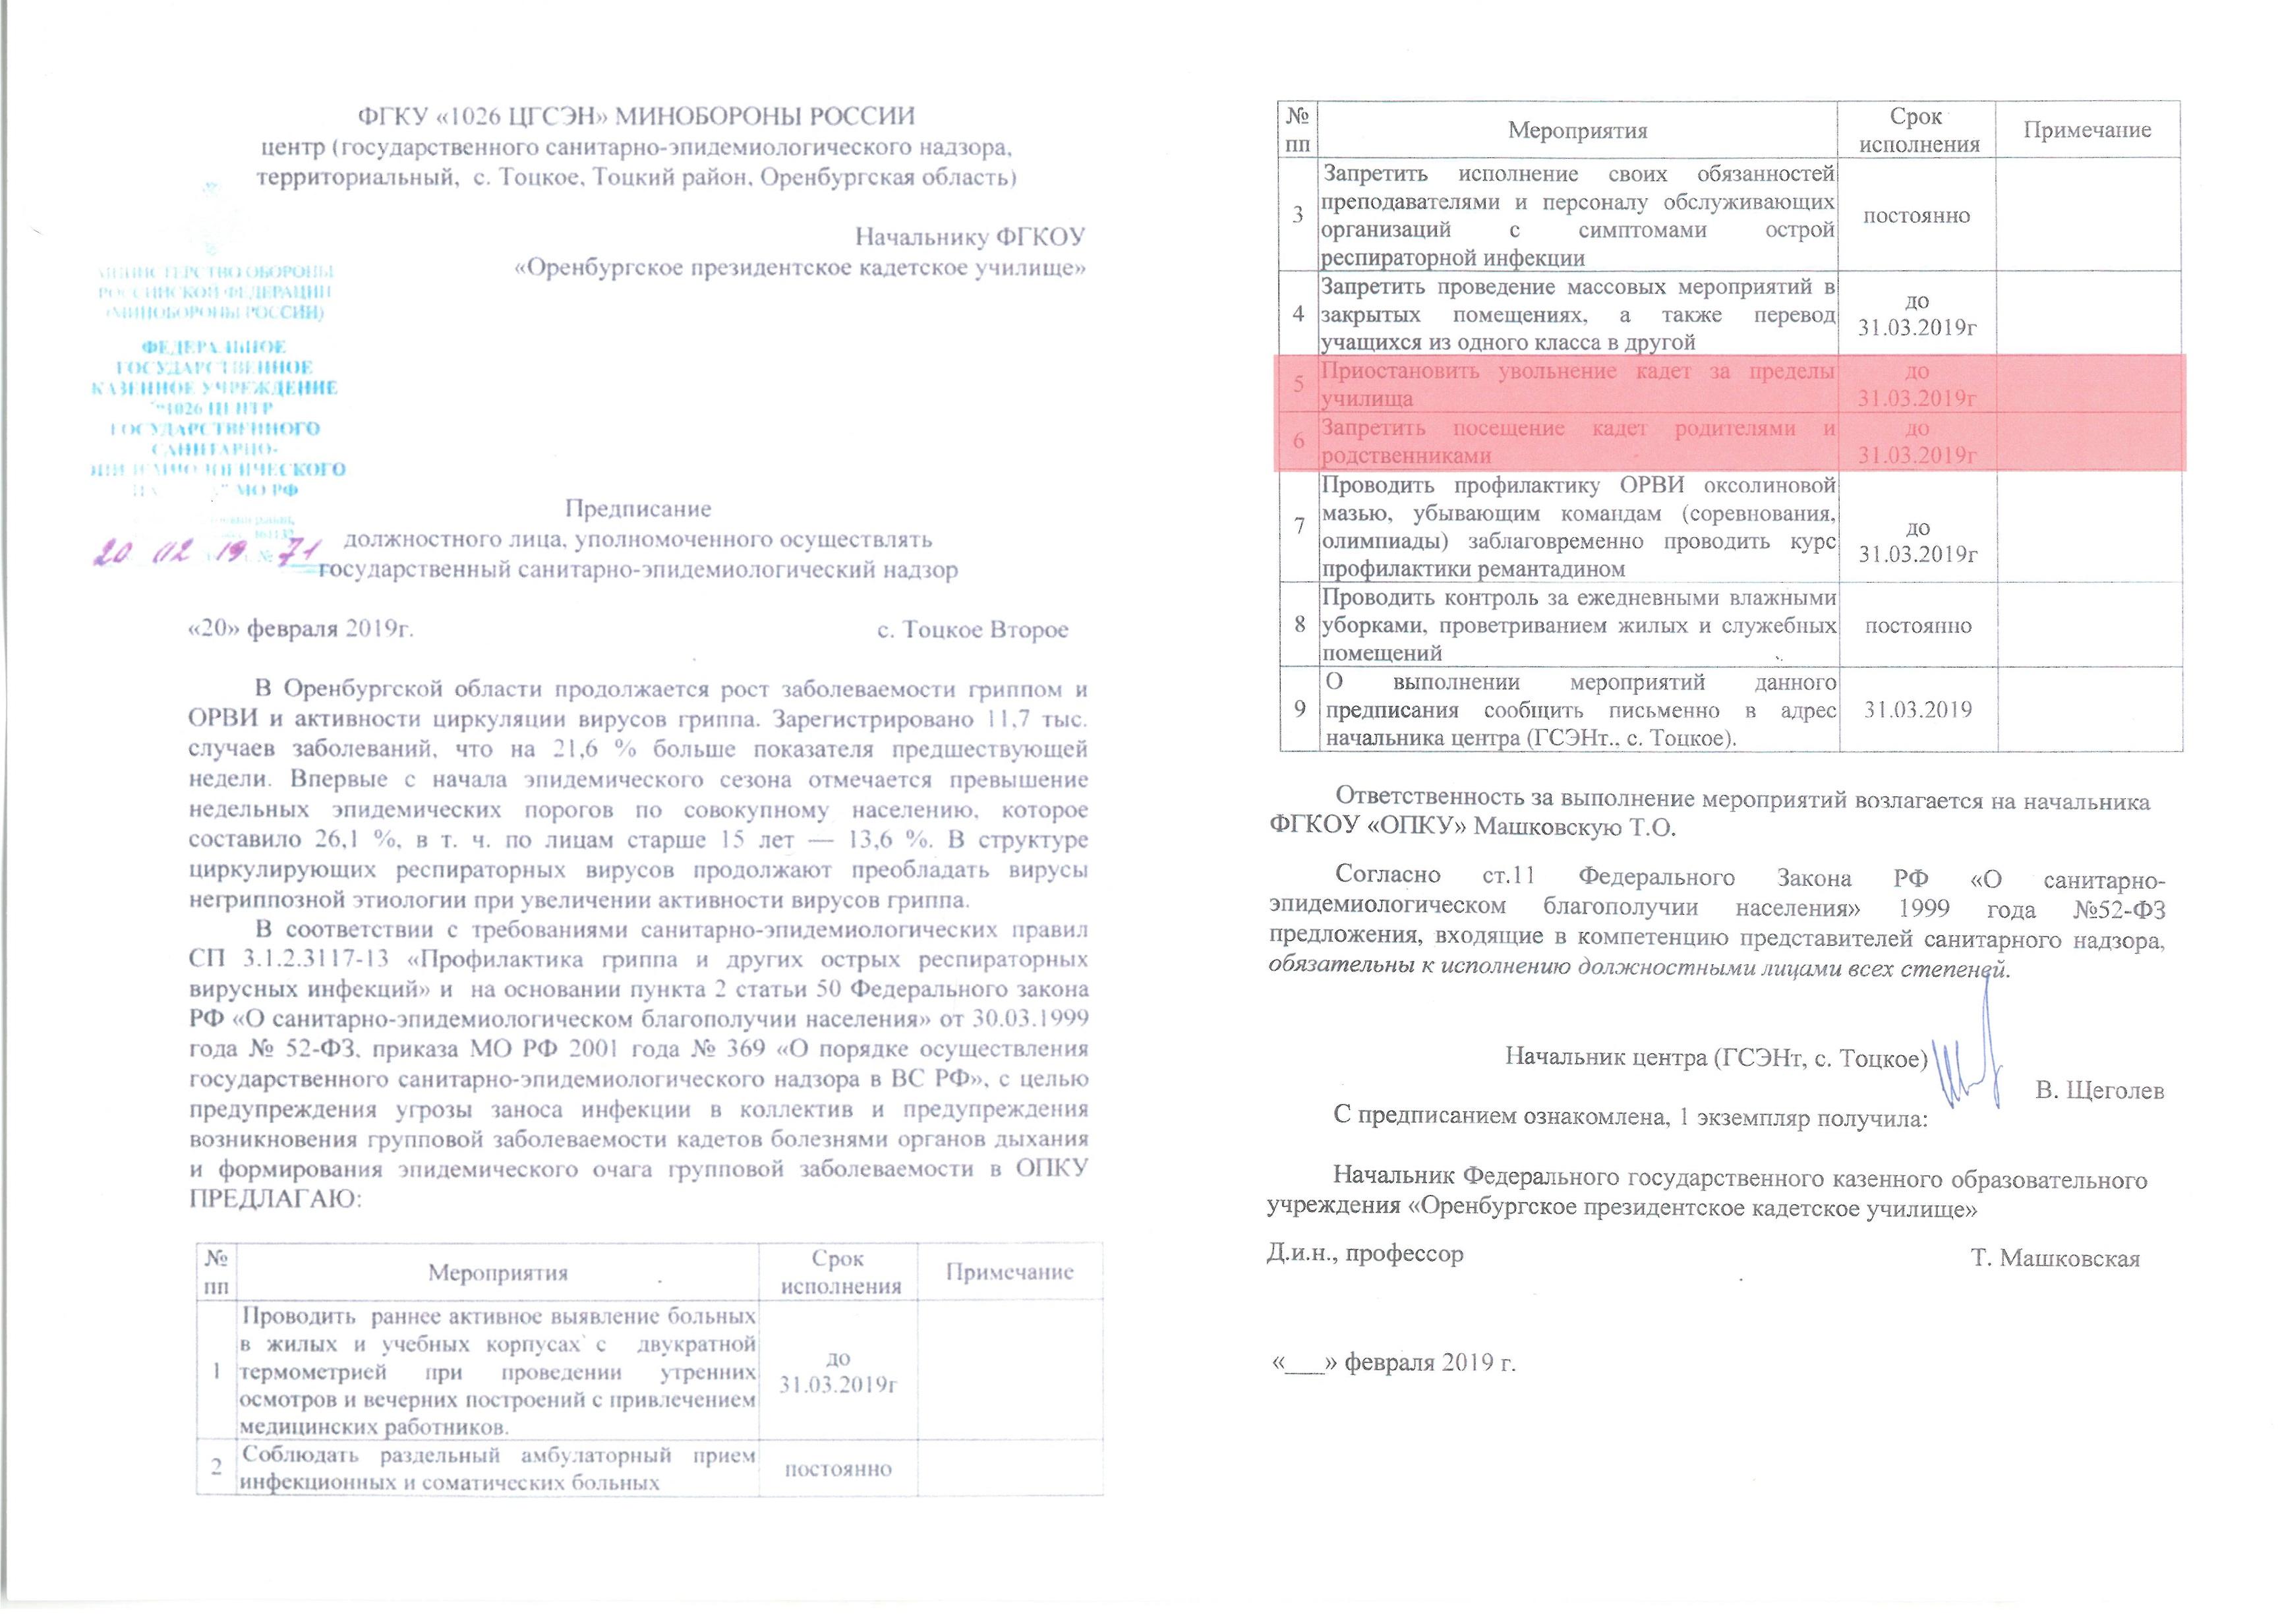 Приложение 1 (Предписание начальника ФГКУ 1026 ЦГСЭН)